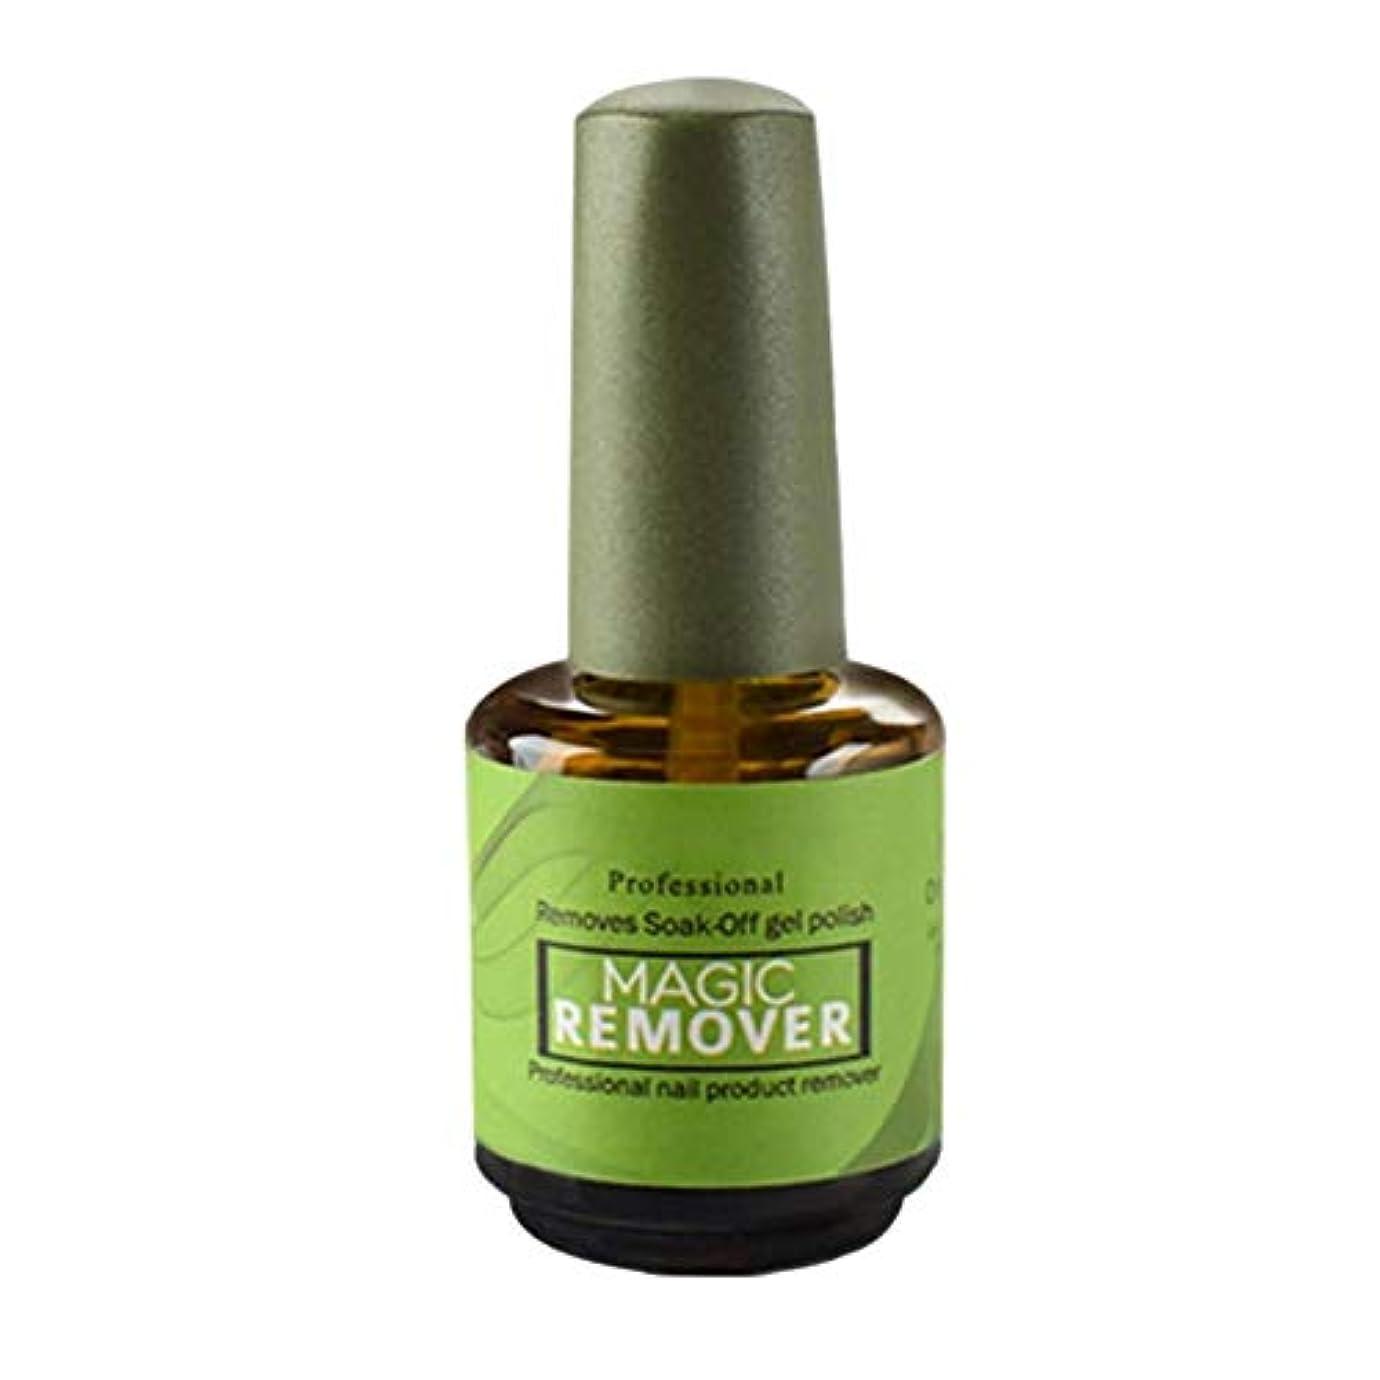 いう協会陰気Profeel マジックリムーバーがネイルポリッシュを拭き取ると、ジェルプロフェッショナルバーストクリーン脱脂剤が除去されます